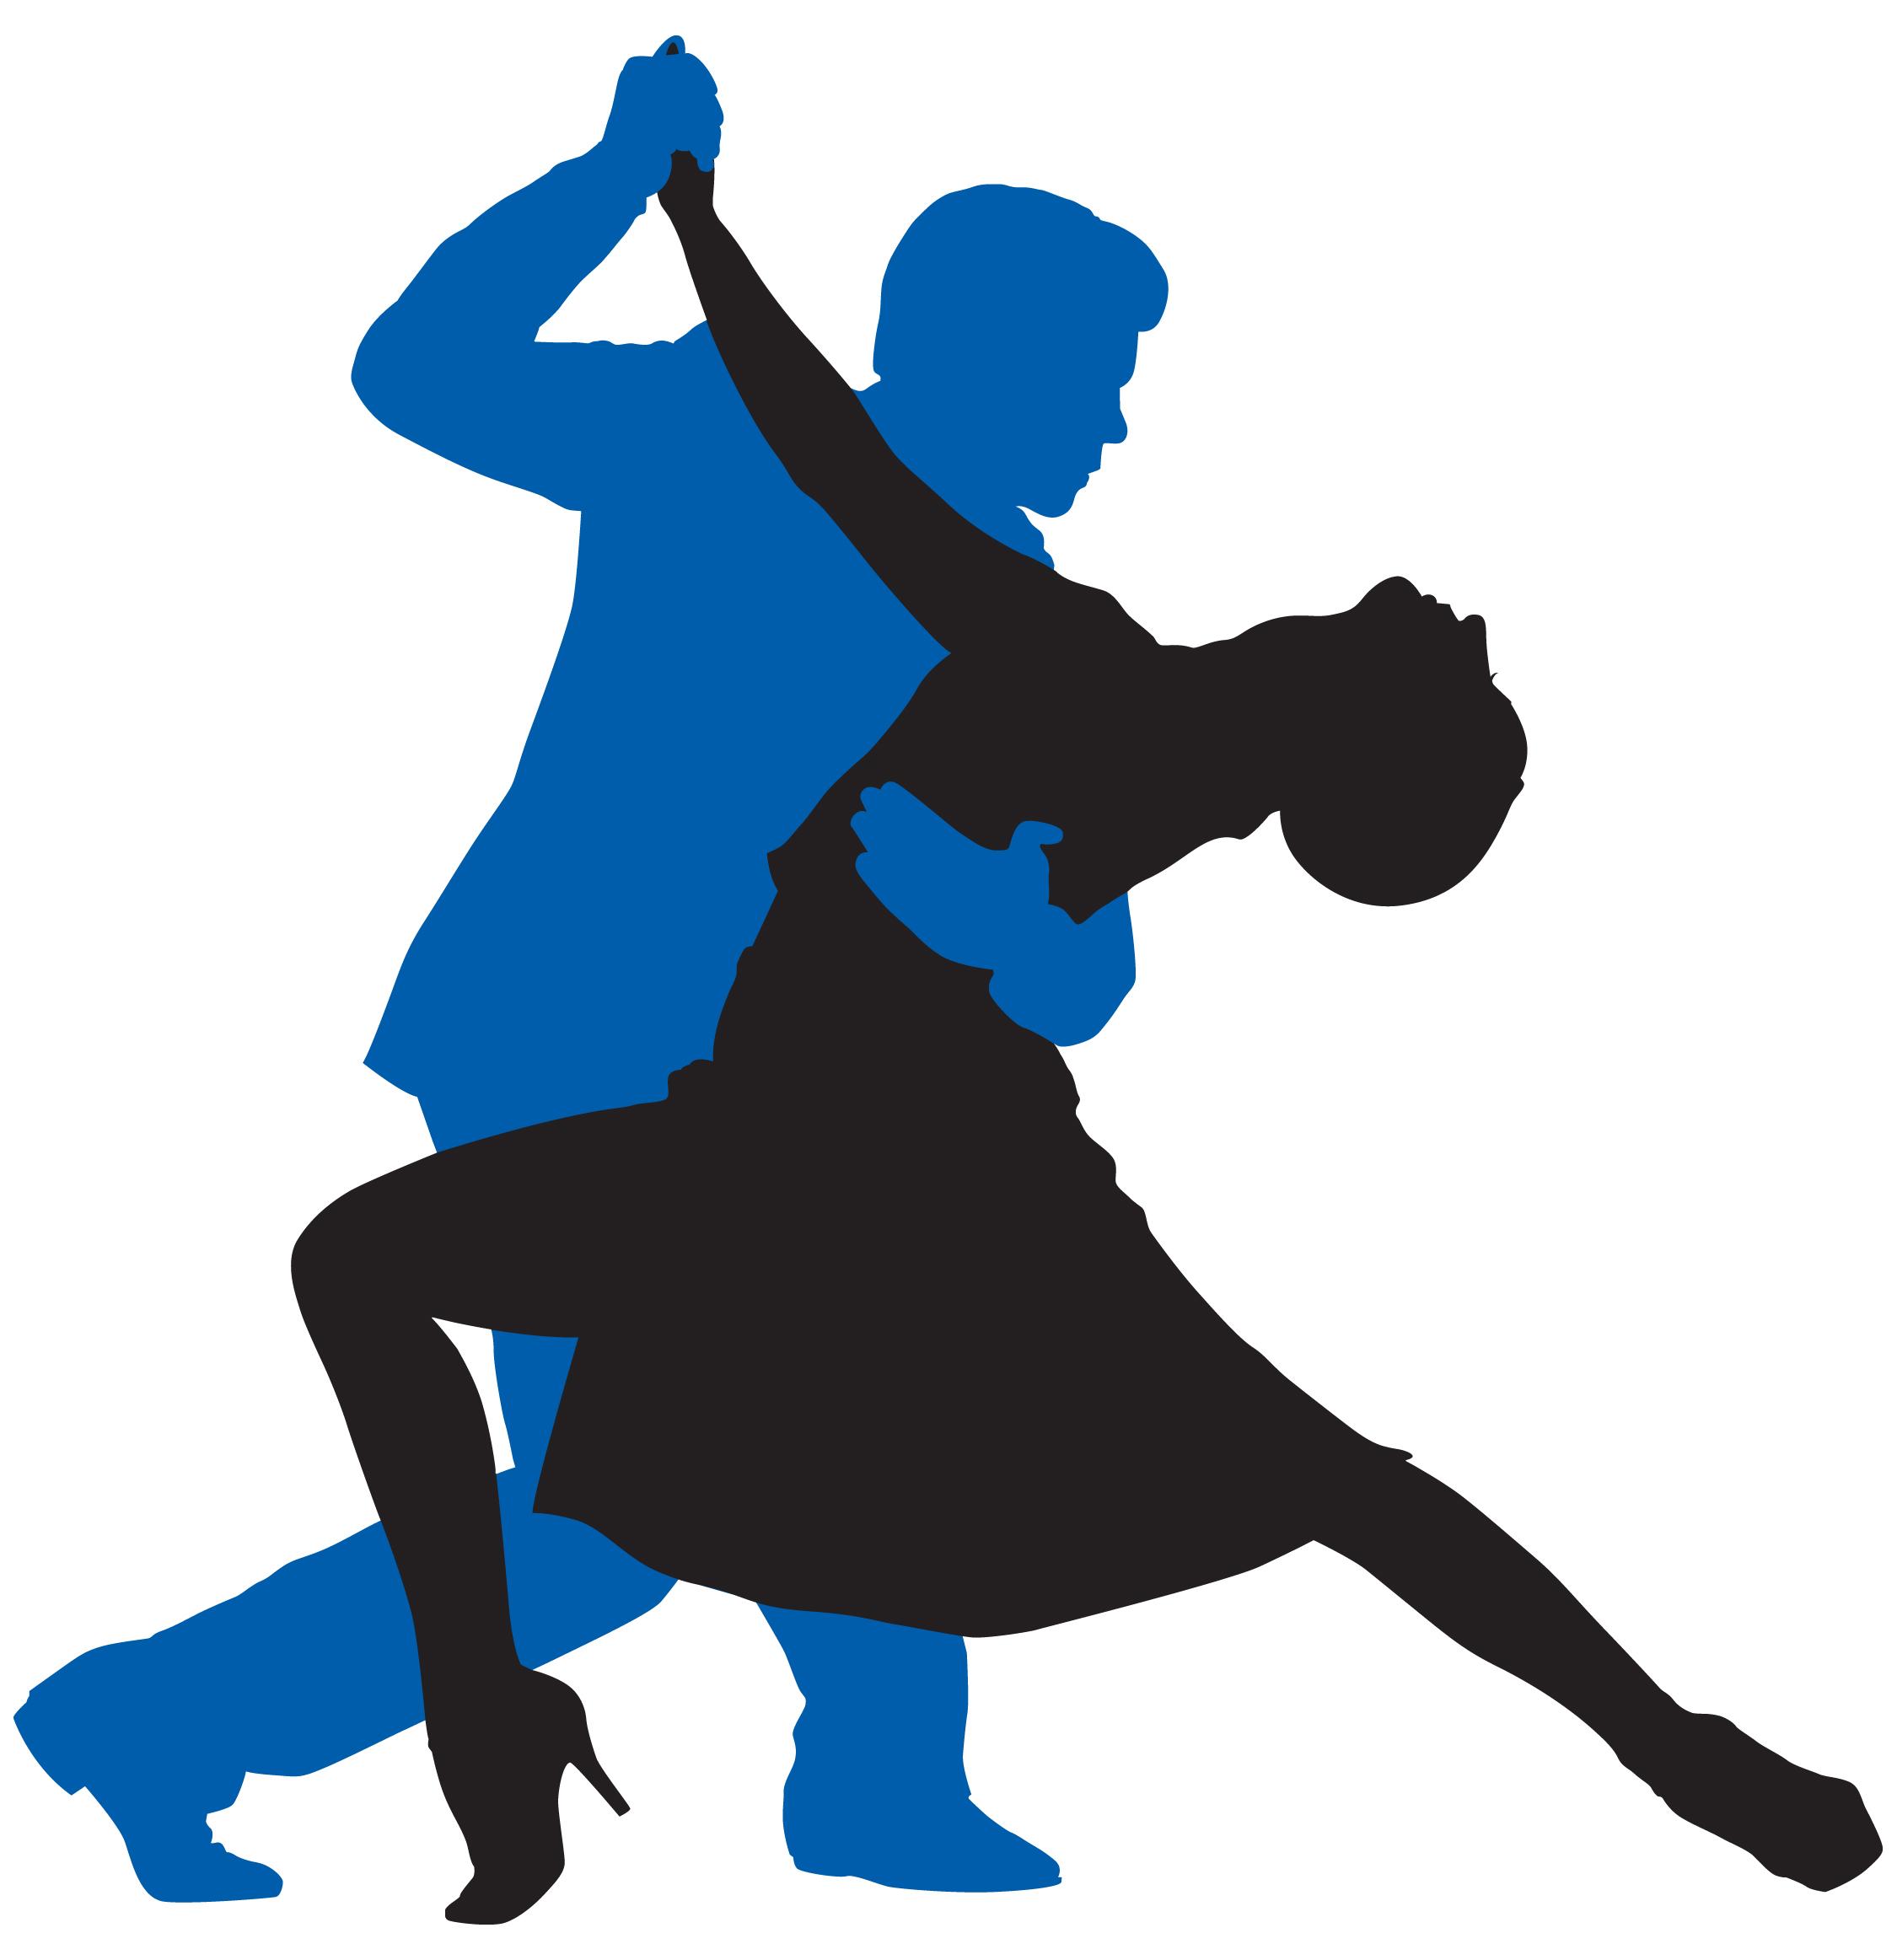 Movement clipart dancing. Dance logo clip art